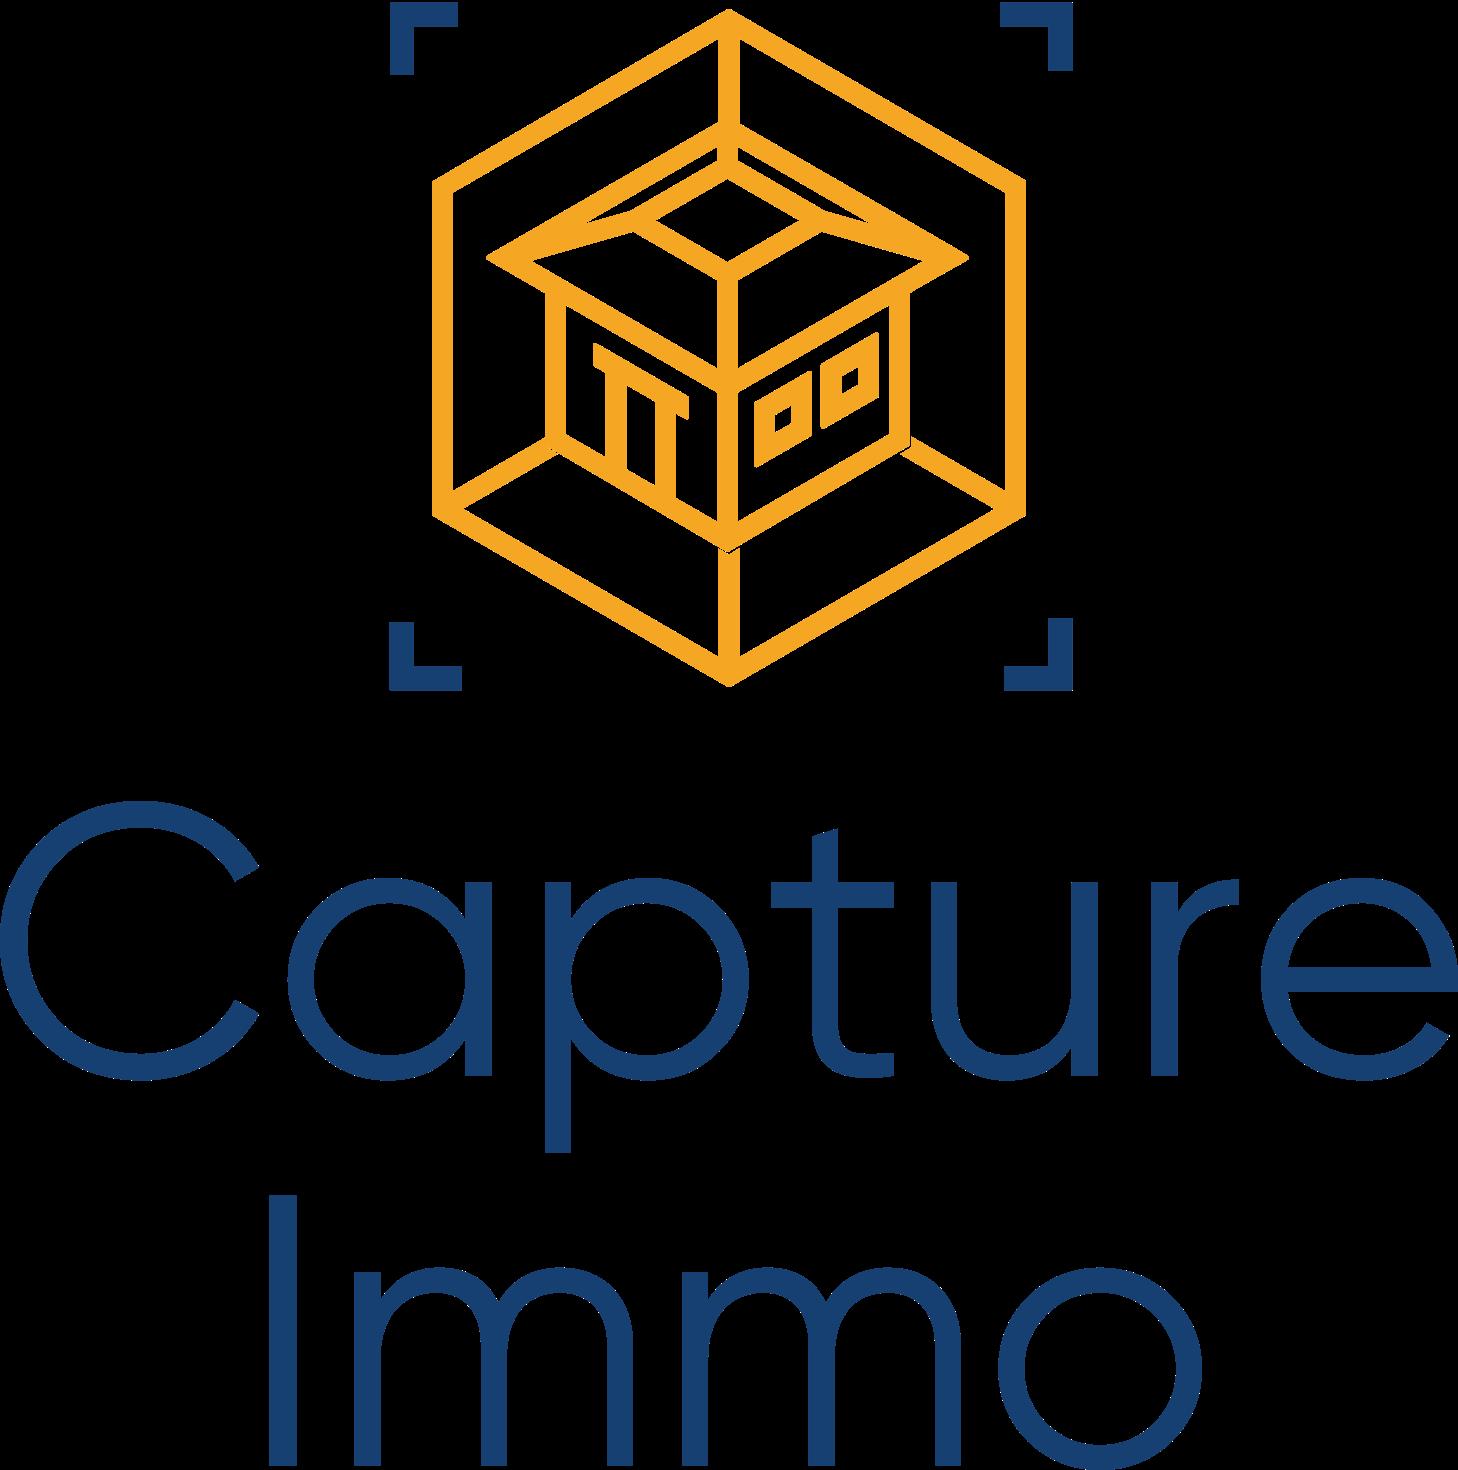 Capture Immo floor plan in Menton